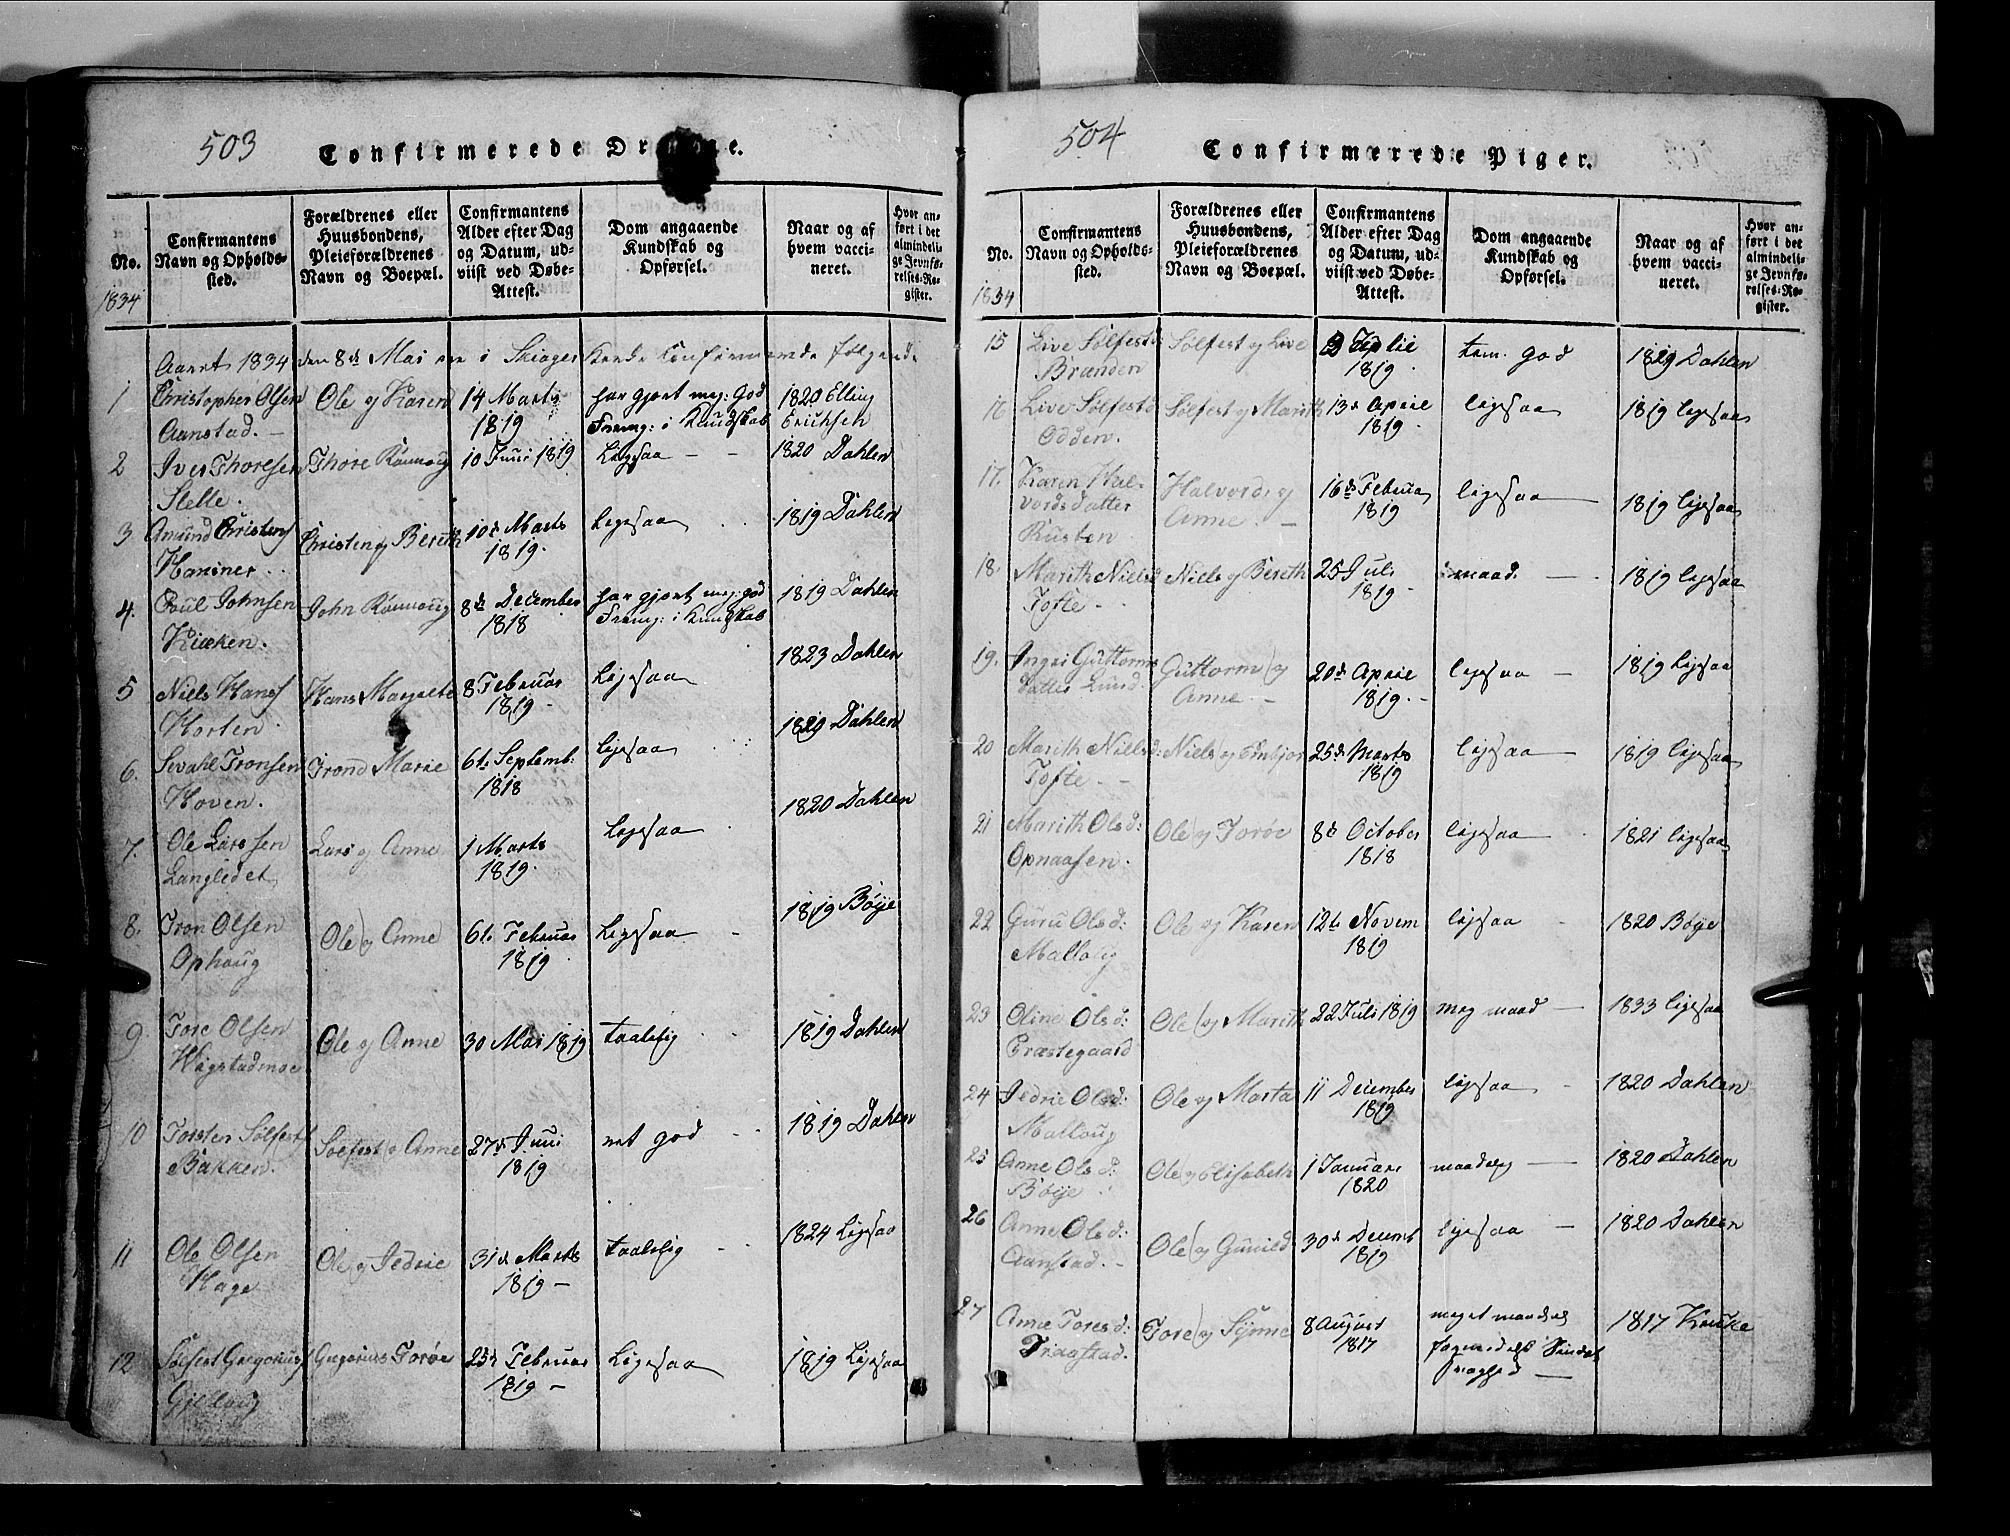 SAH, Lom prestekontor, L/L0003: Klokkerbok nr. 3, 1815-1844, s. 503-504